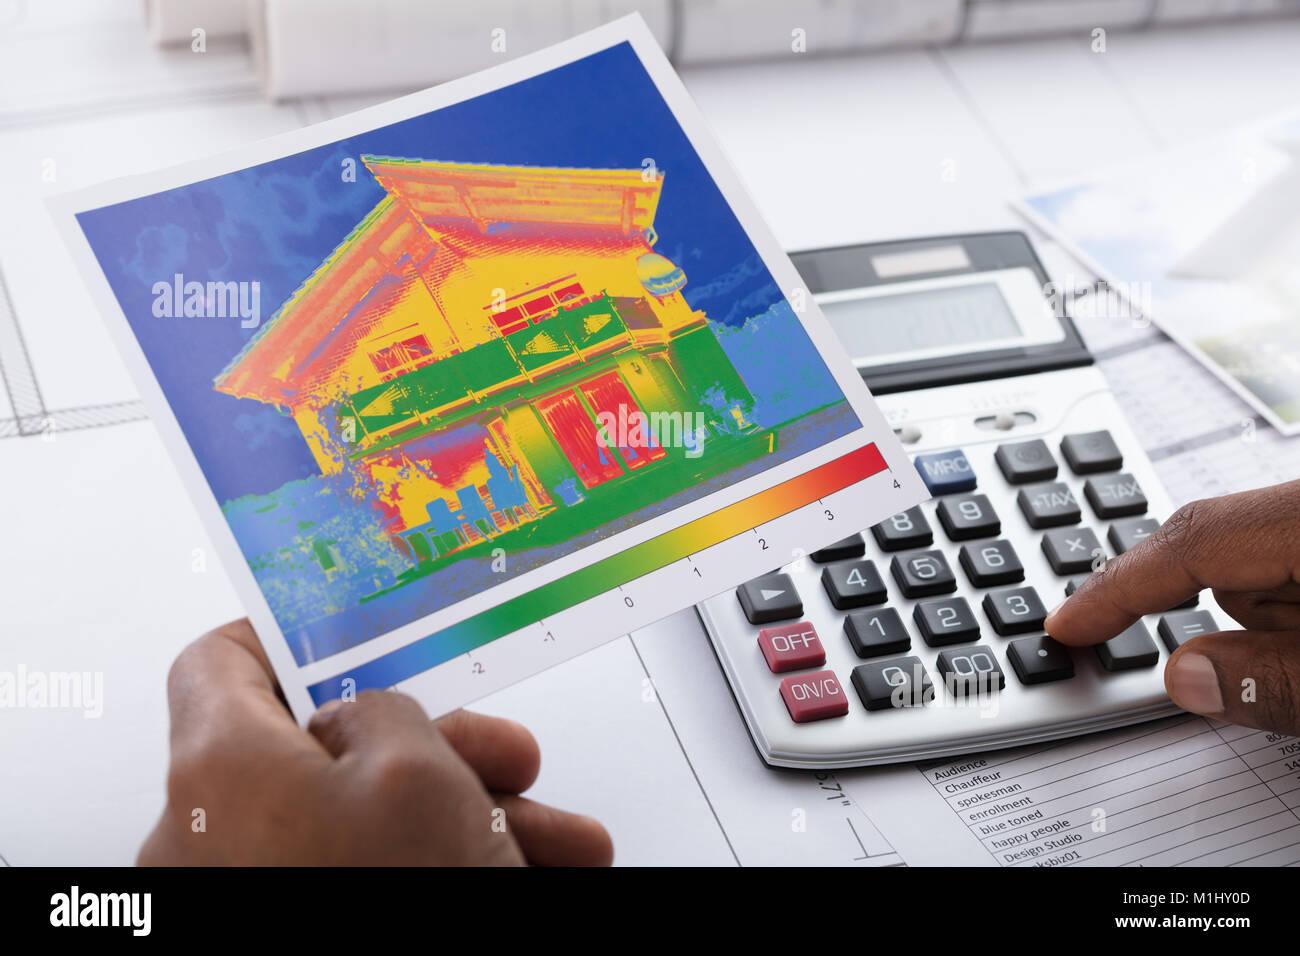 Nahaufnahme der Person Hand Berechnung von Temperatur mit dem Rechner auf dem Schreibtisch Stockbild